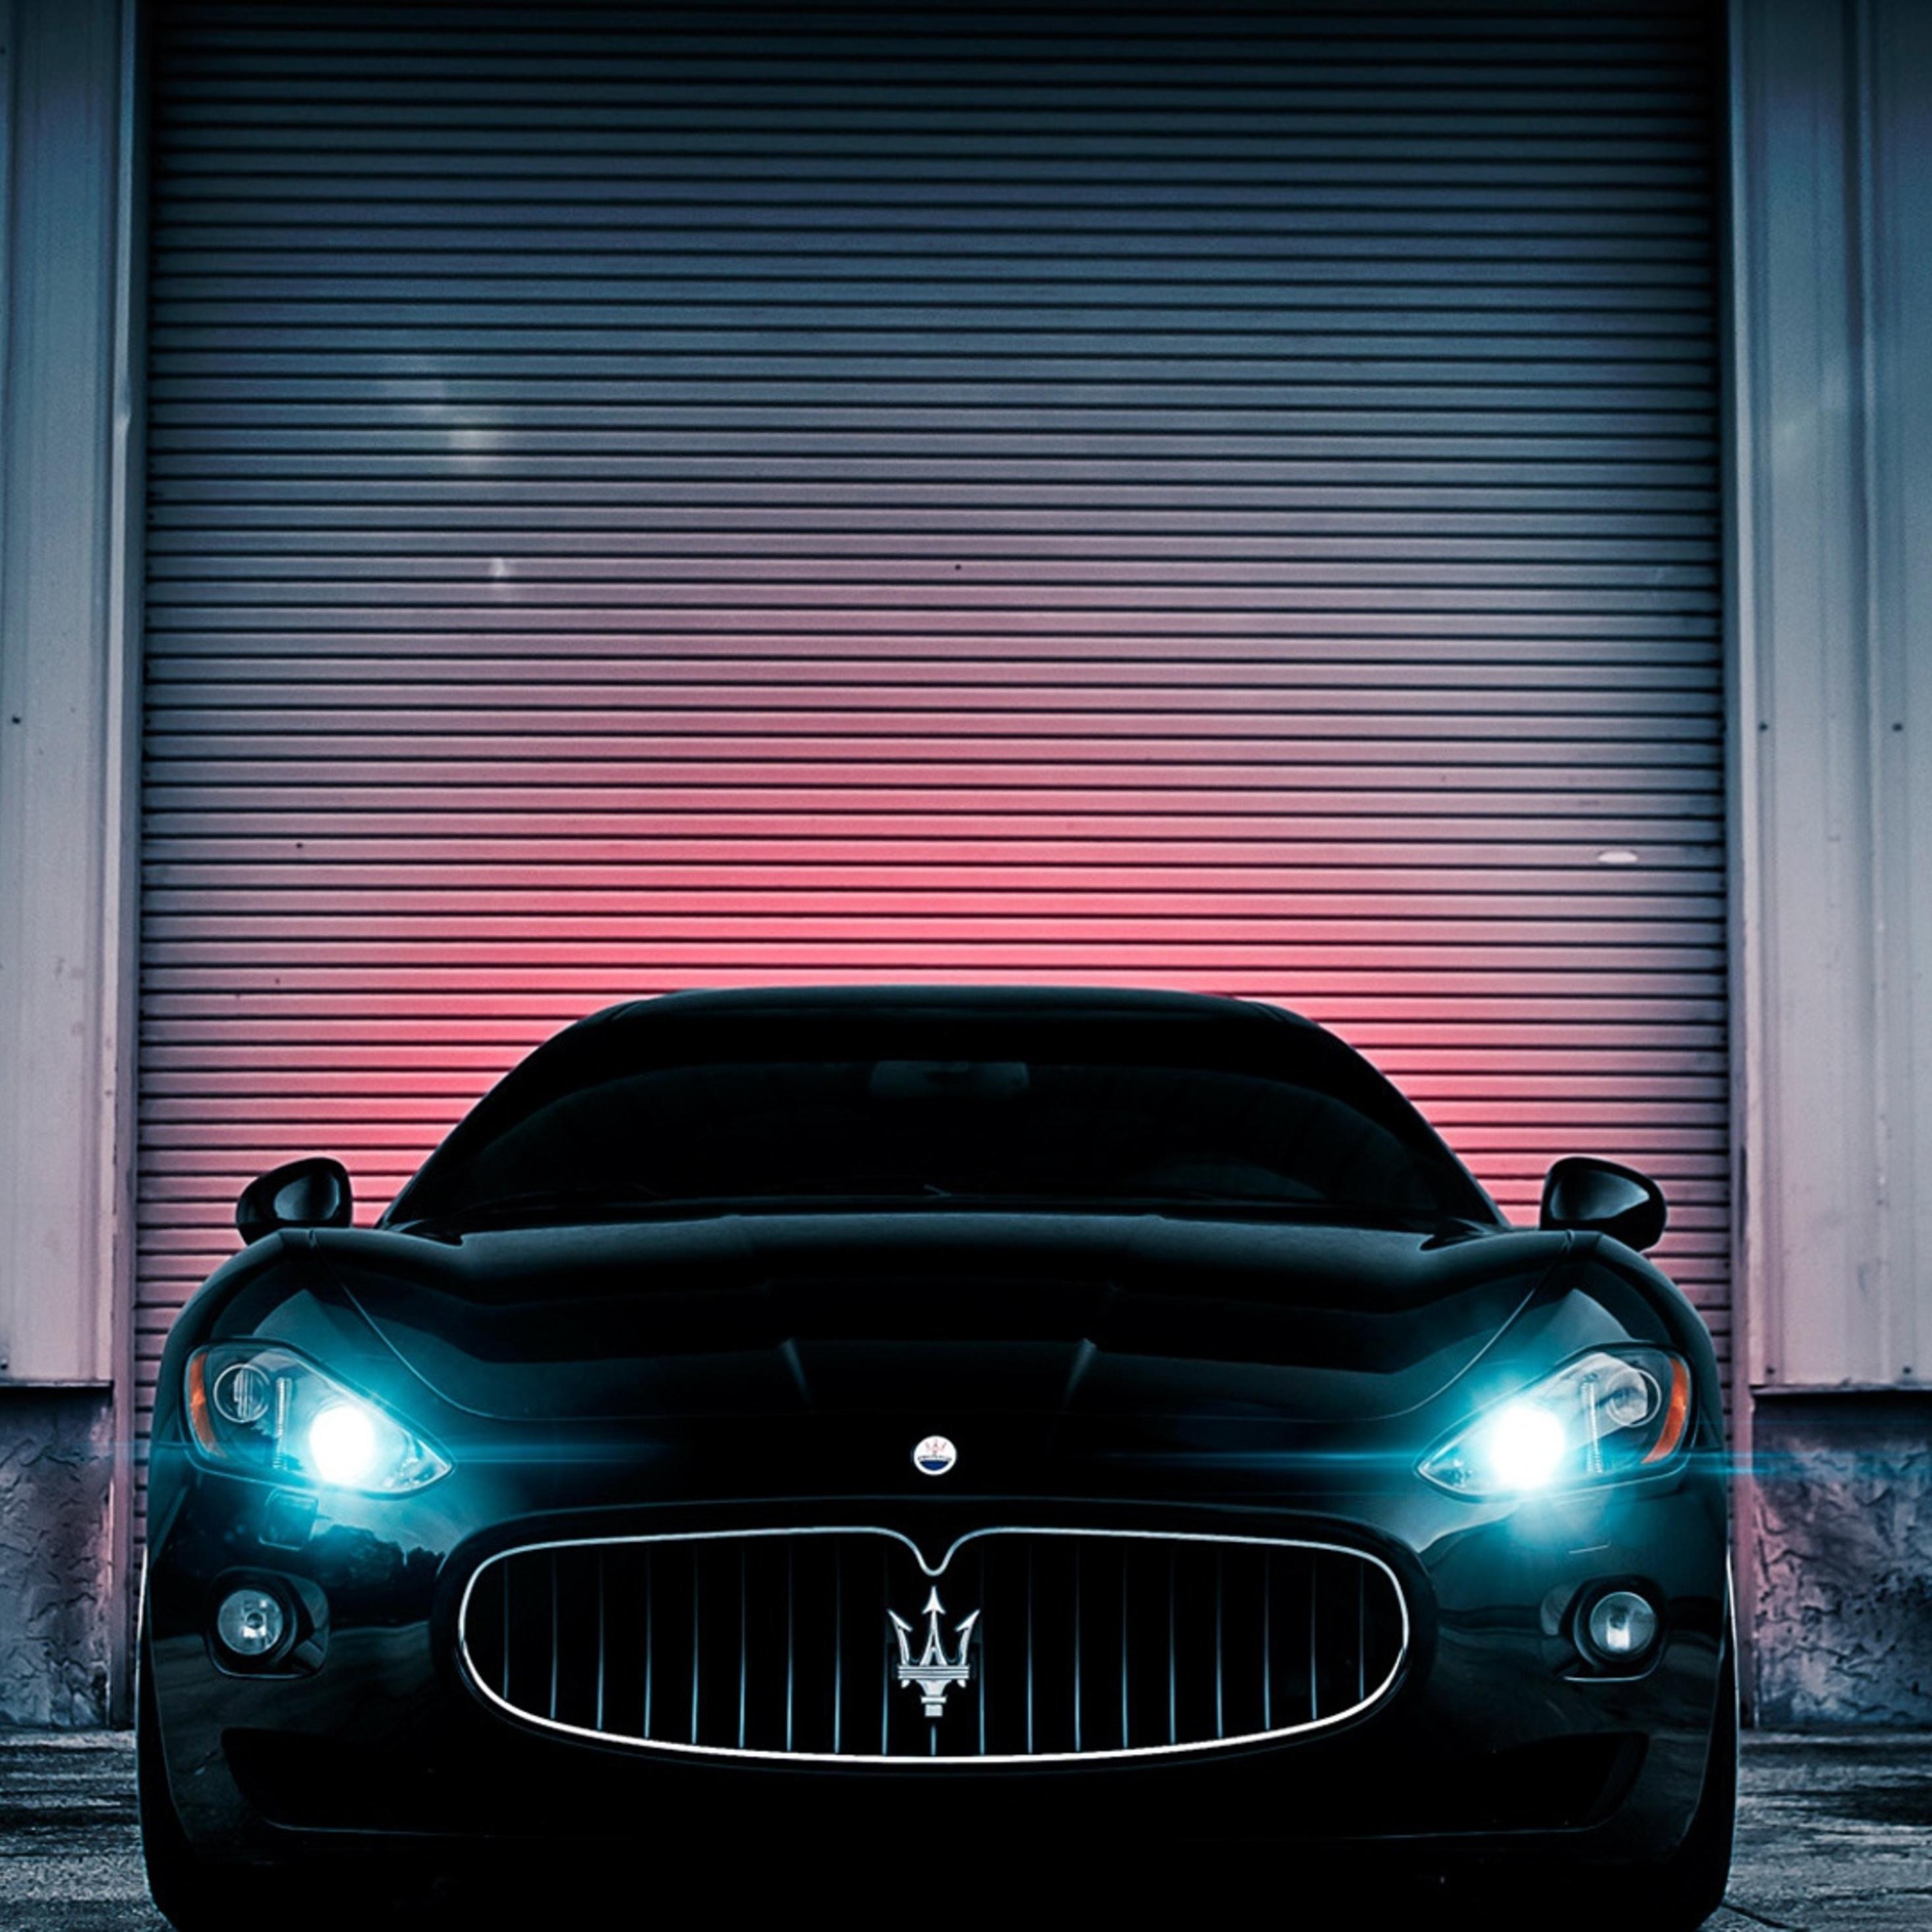 Maserati Car Wallpaper: 2932x2932 Maserati Lights Ipad Pro Retina Display HD 4k